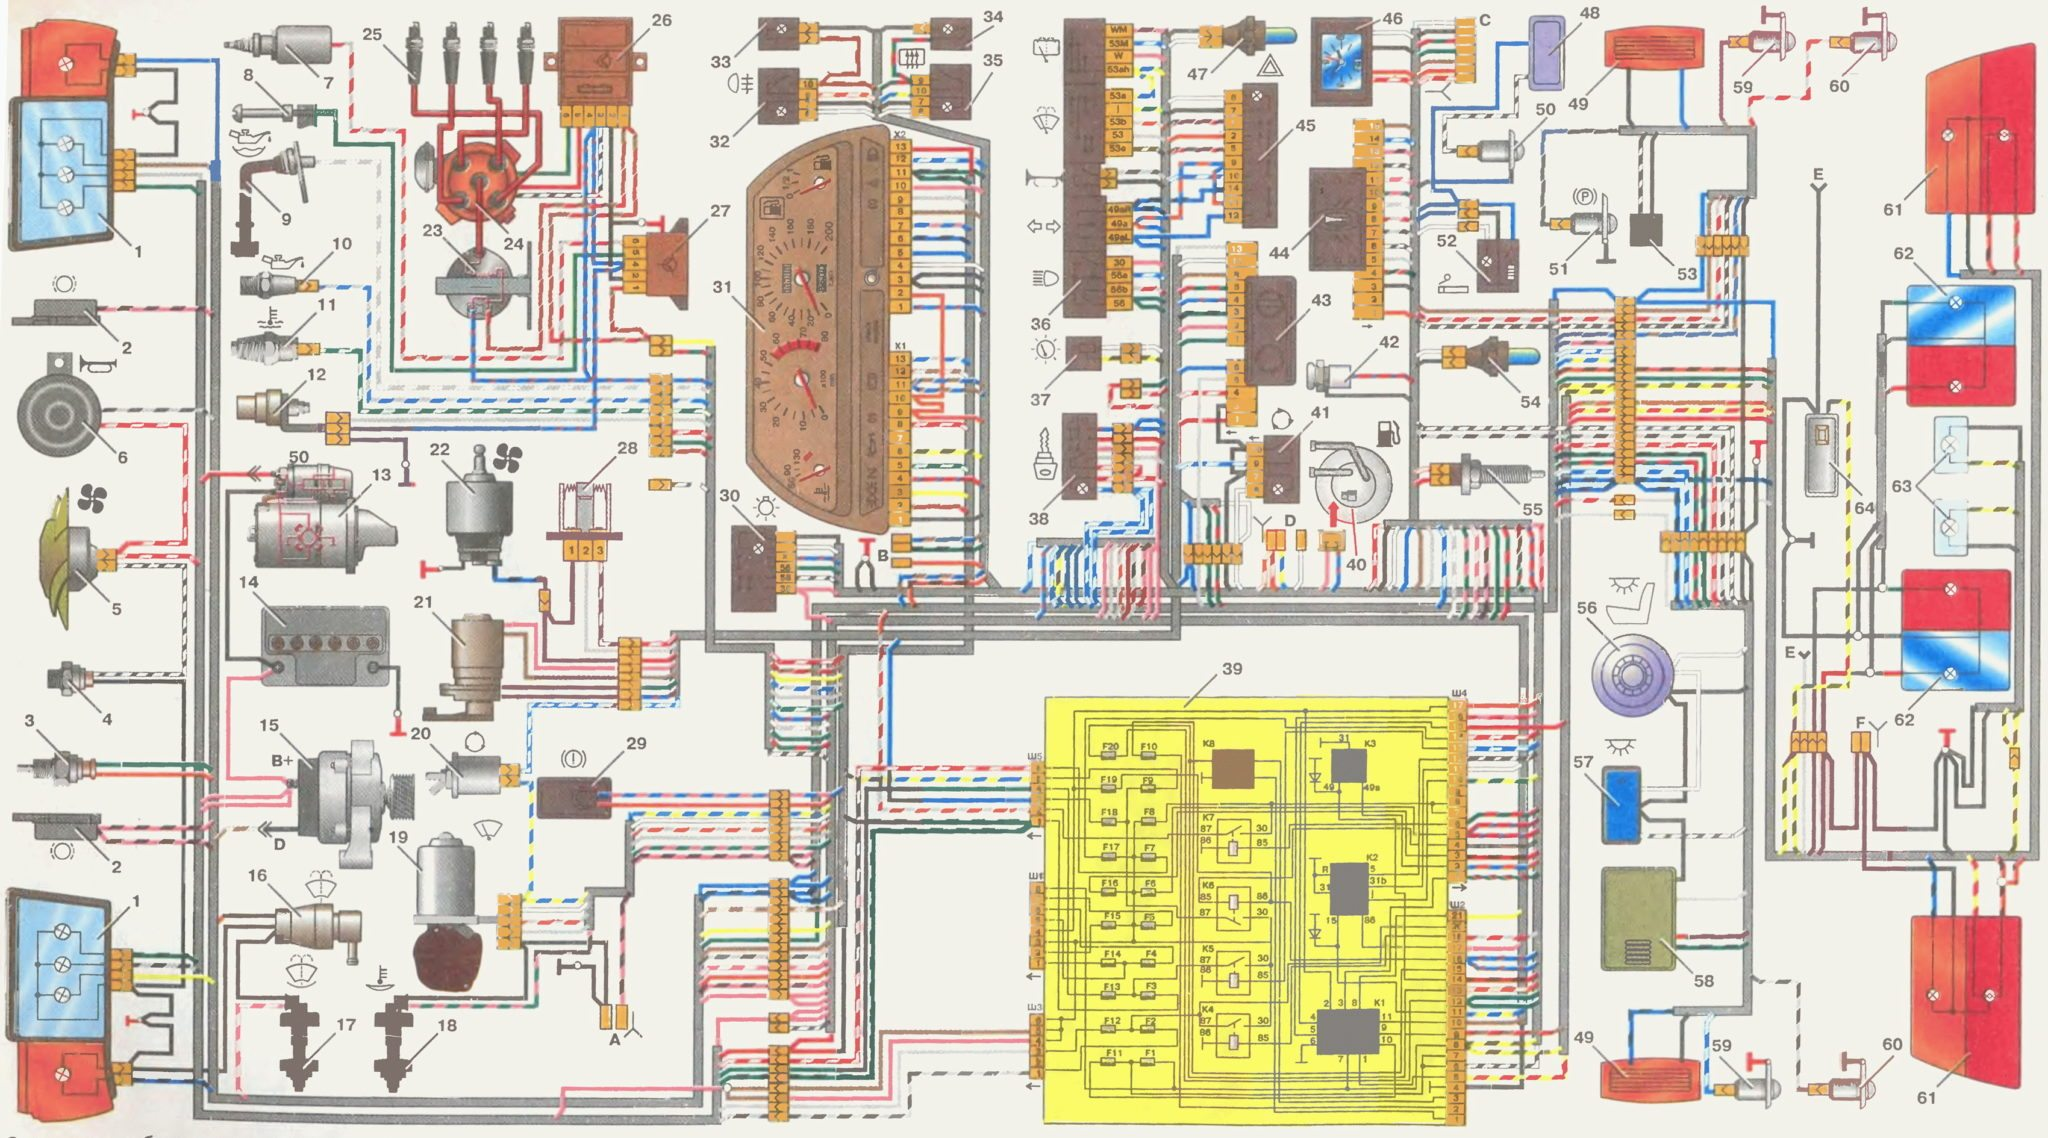 схема электропроводки 2110 эбу